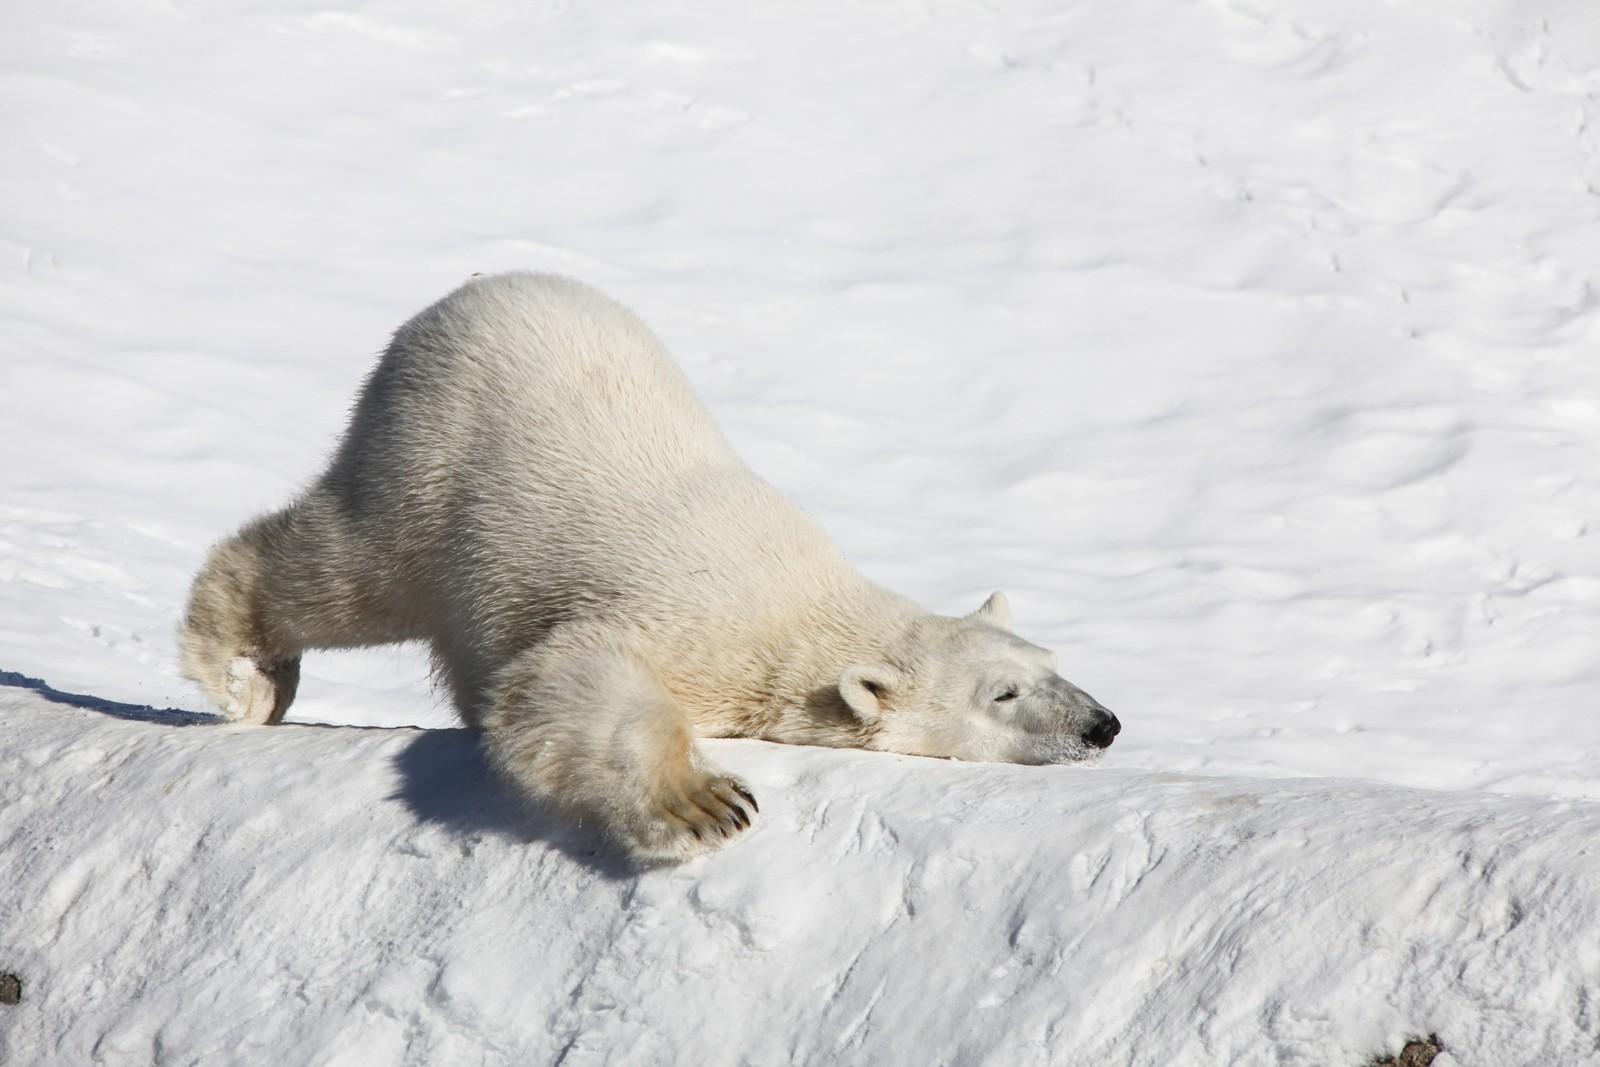 SYMBOL: Isbjørnen er verdens største bjørn og rovdyr, med totalvekt opp mot 800 kg. Bjørnen befinner seg på toppen av næringskjeden og har blitt selve symbolet på klimaendringene i Arktis. Bildet er fra Frans Josef Land.